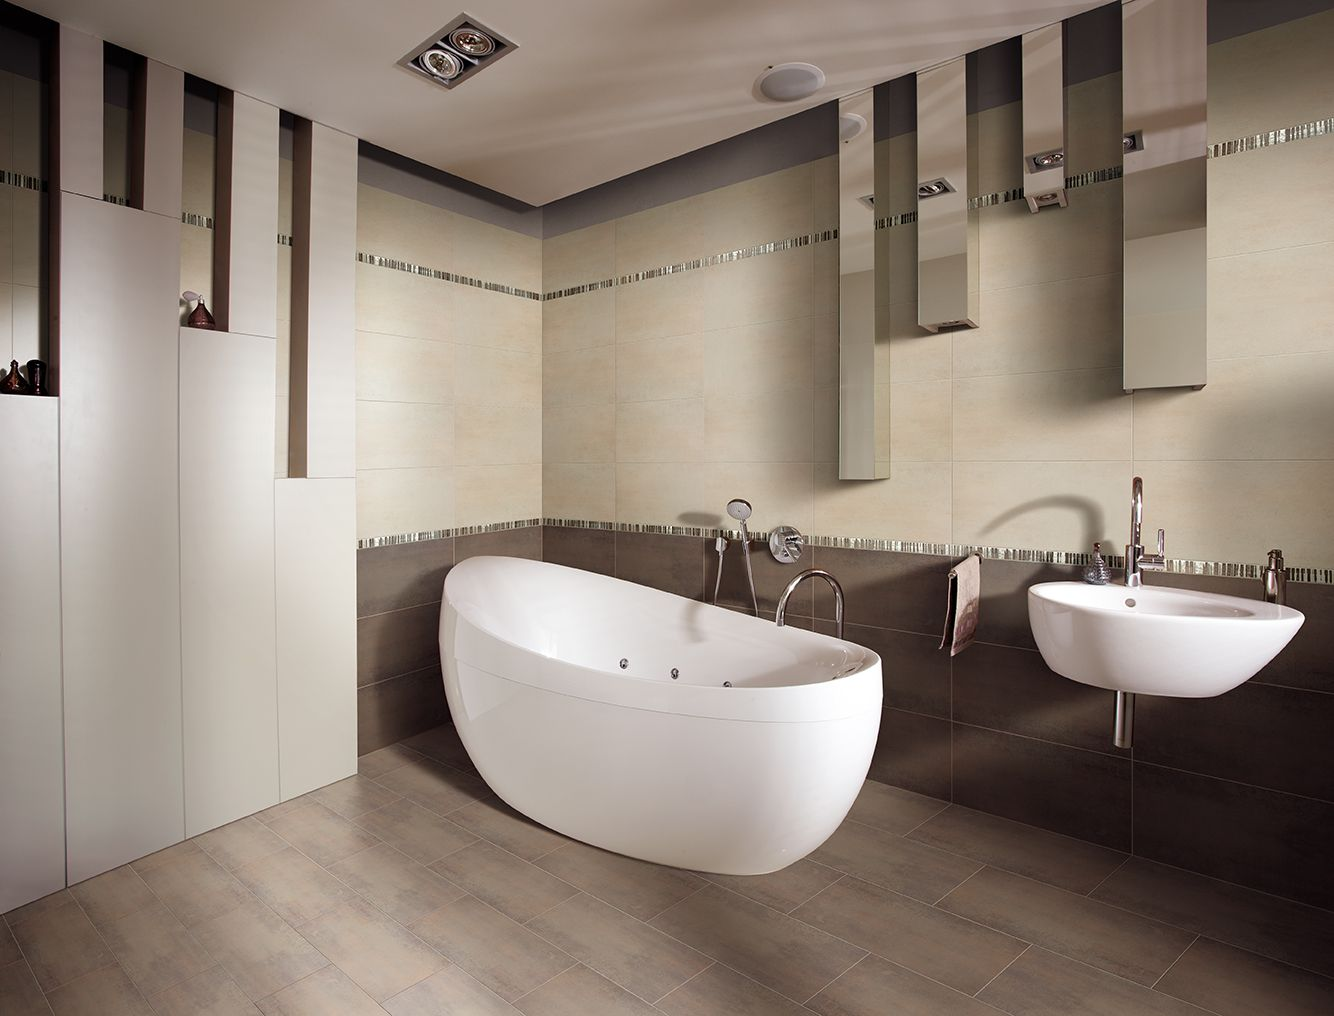 Bagni Moderni Beige E Marrone.Rivestimento Bagno Effetto Marmo Tivoli 1000 Images About